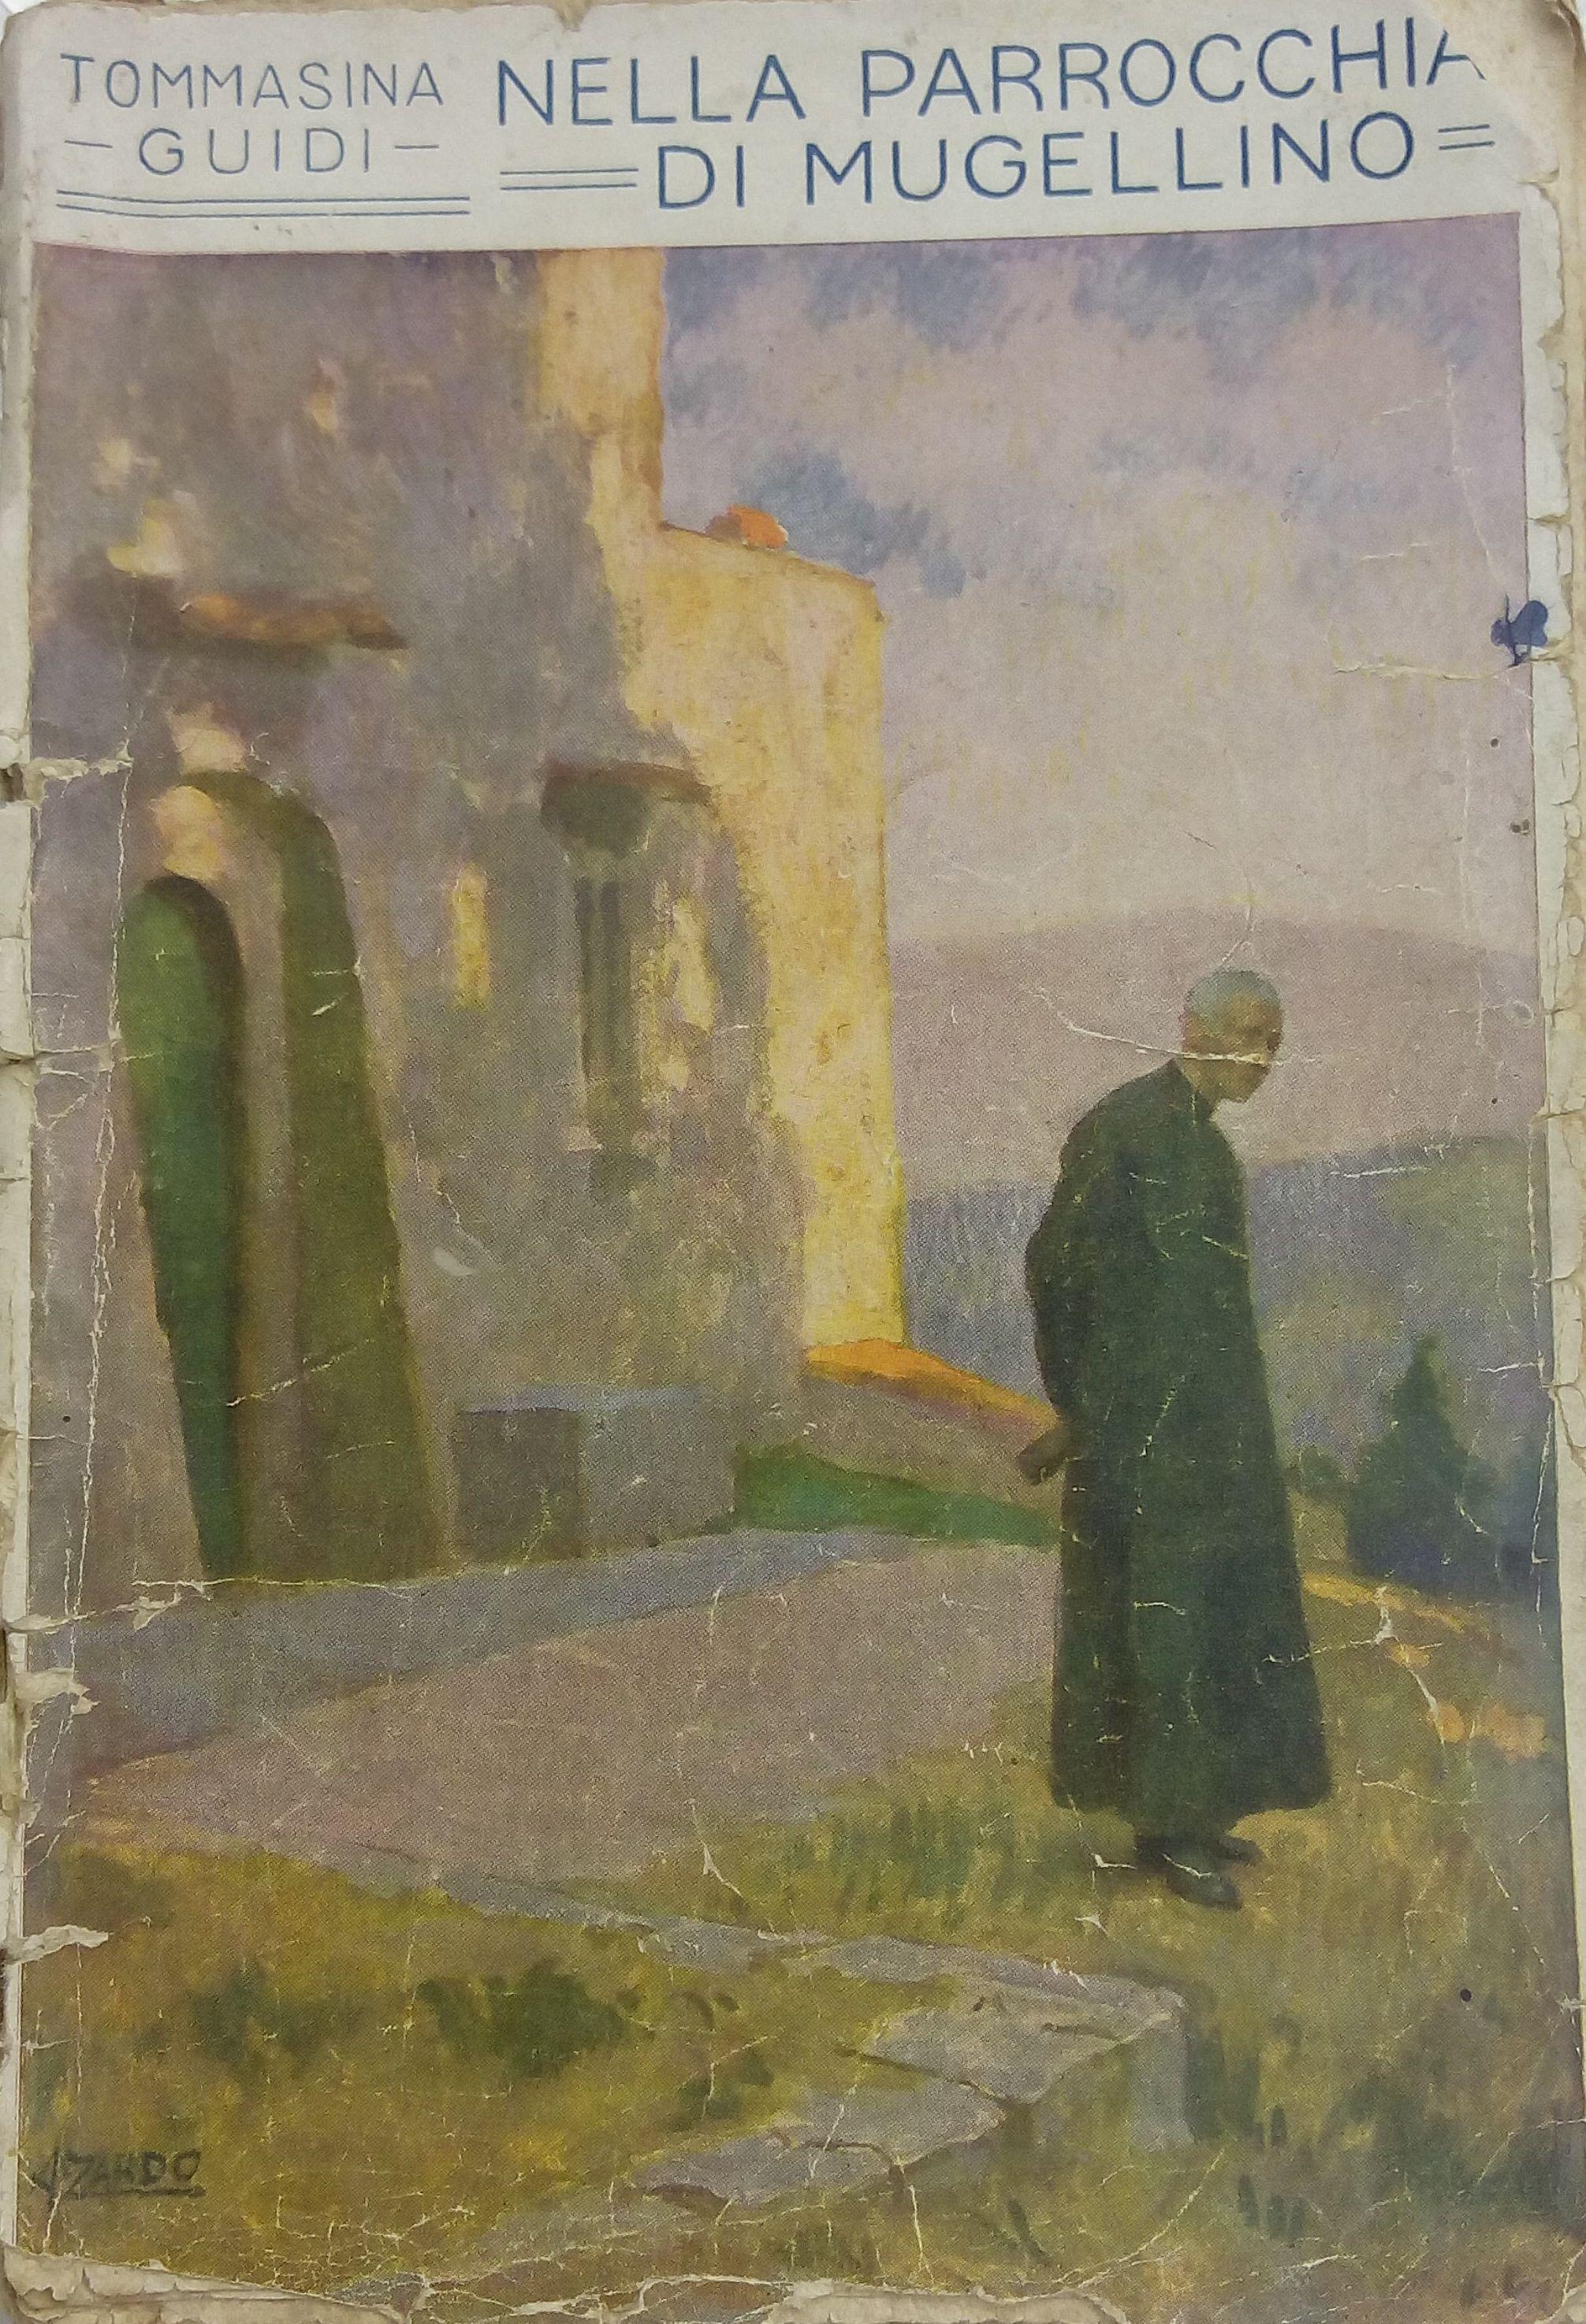 Nella parrocchia di Mugellino